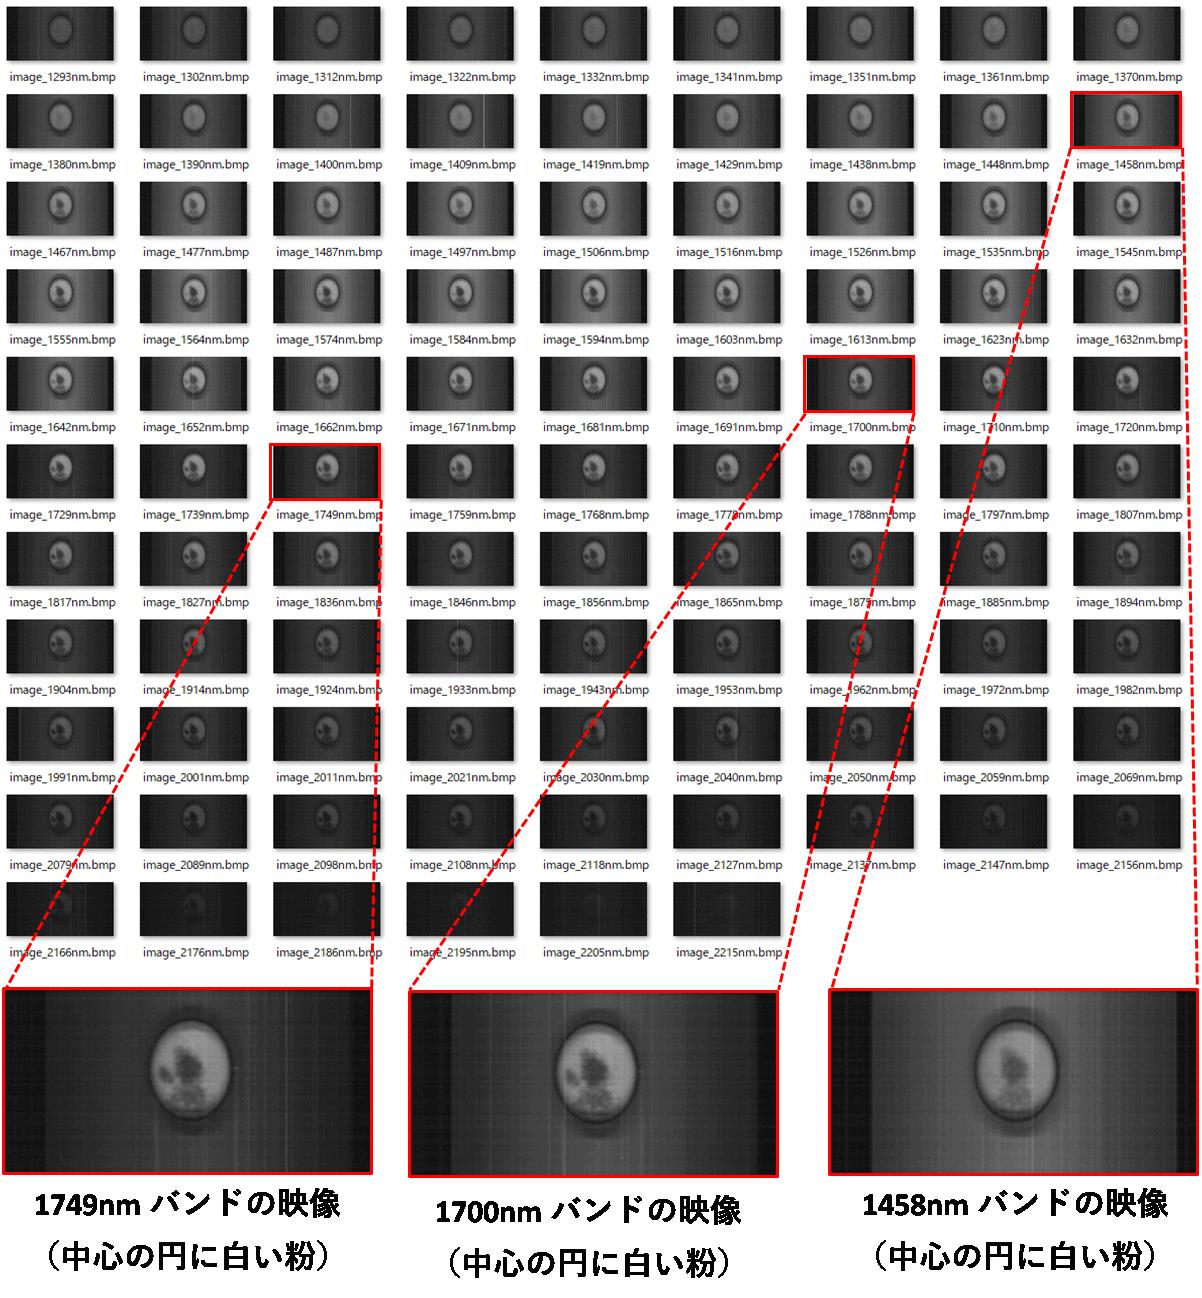 ハイパースペクトルカメラで撮影した塩+重曹+クエン酸の画像